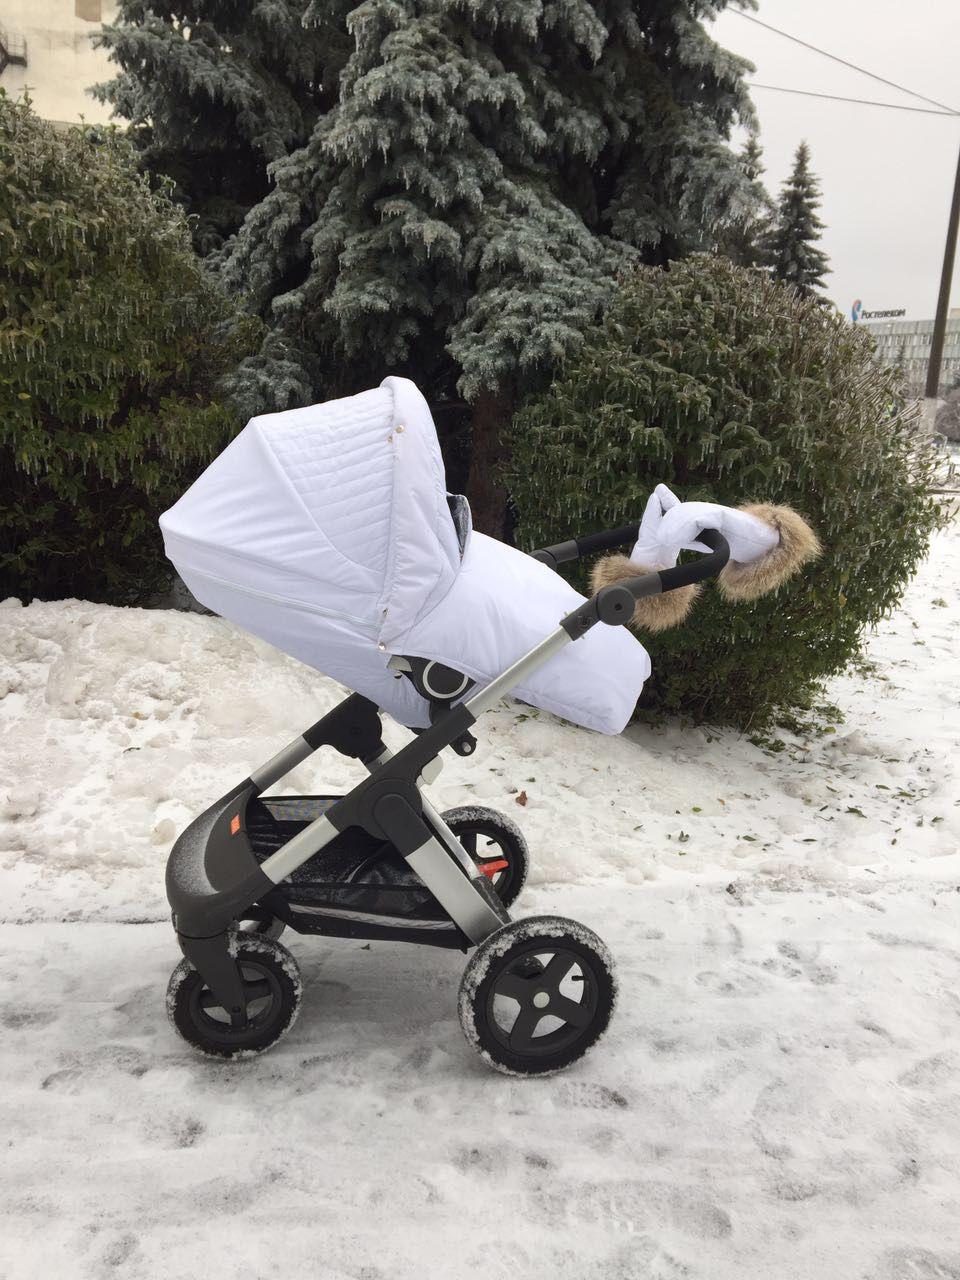 Stokke winter kit, Козырек для коляски, Санкт-Петербург,  Фото №1